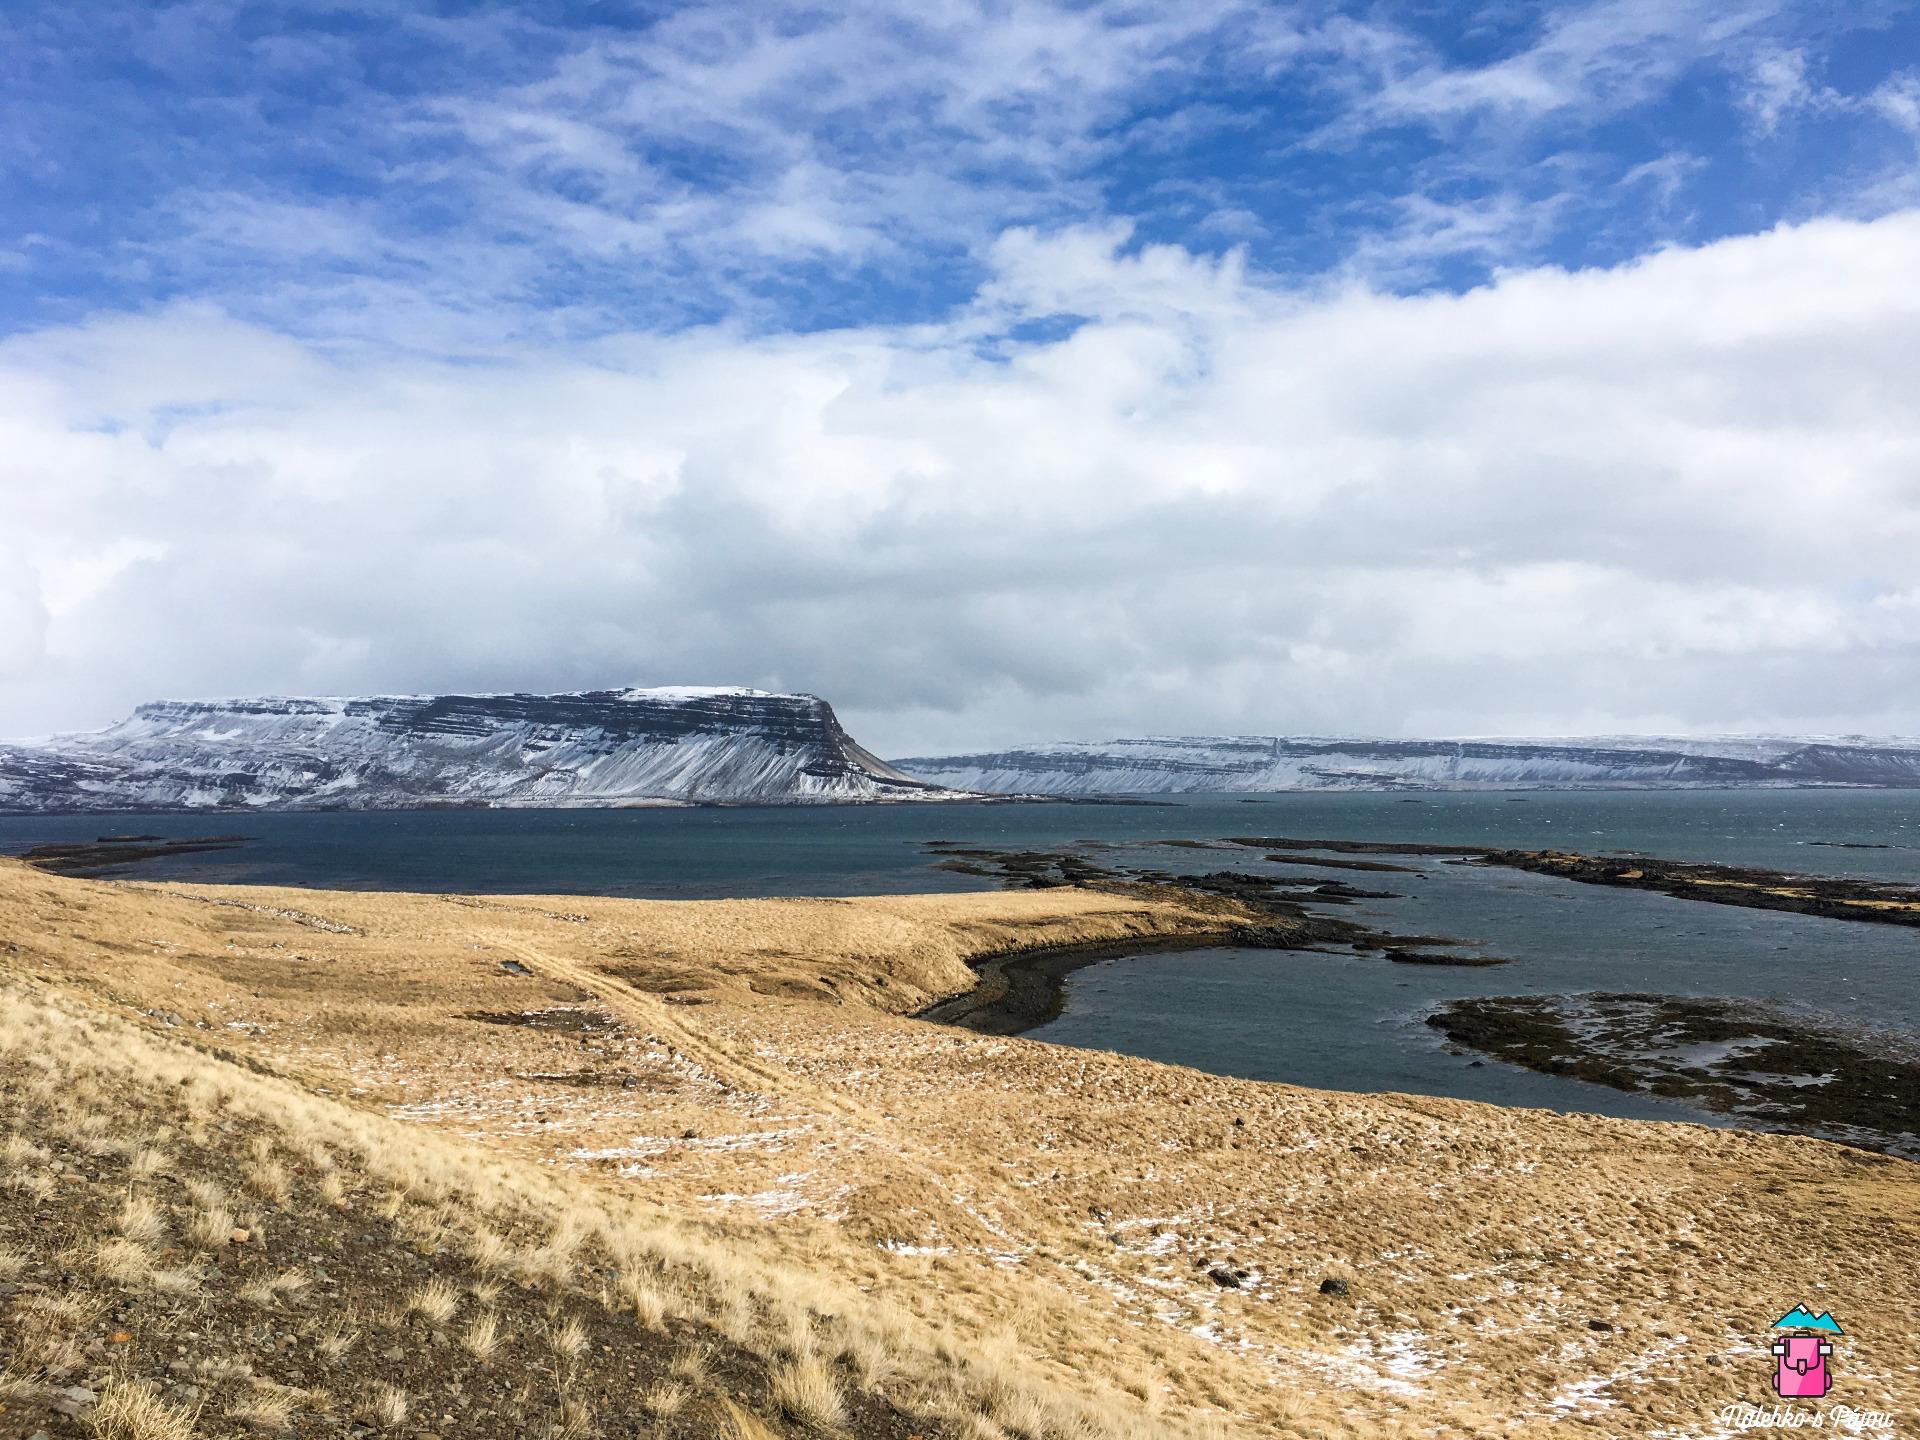 Tyhle místa mě na fjordech nejvíc uchvátily